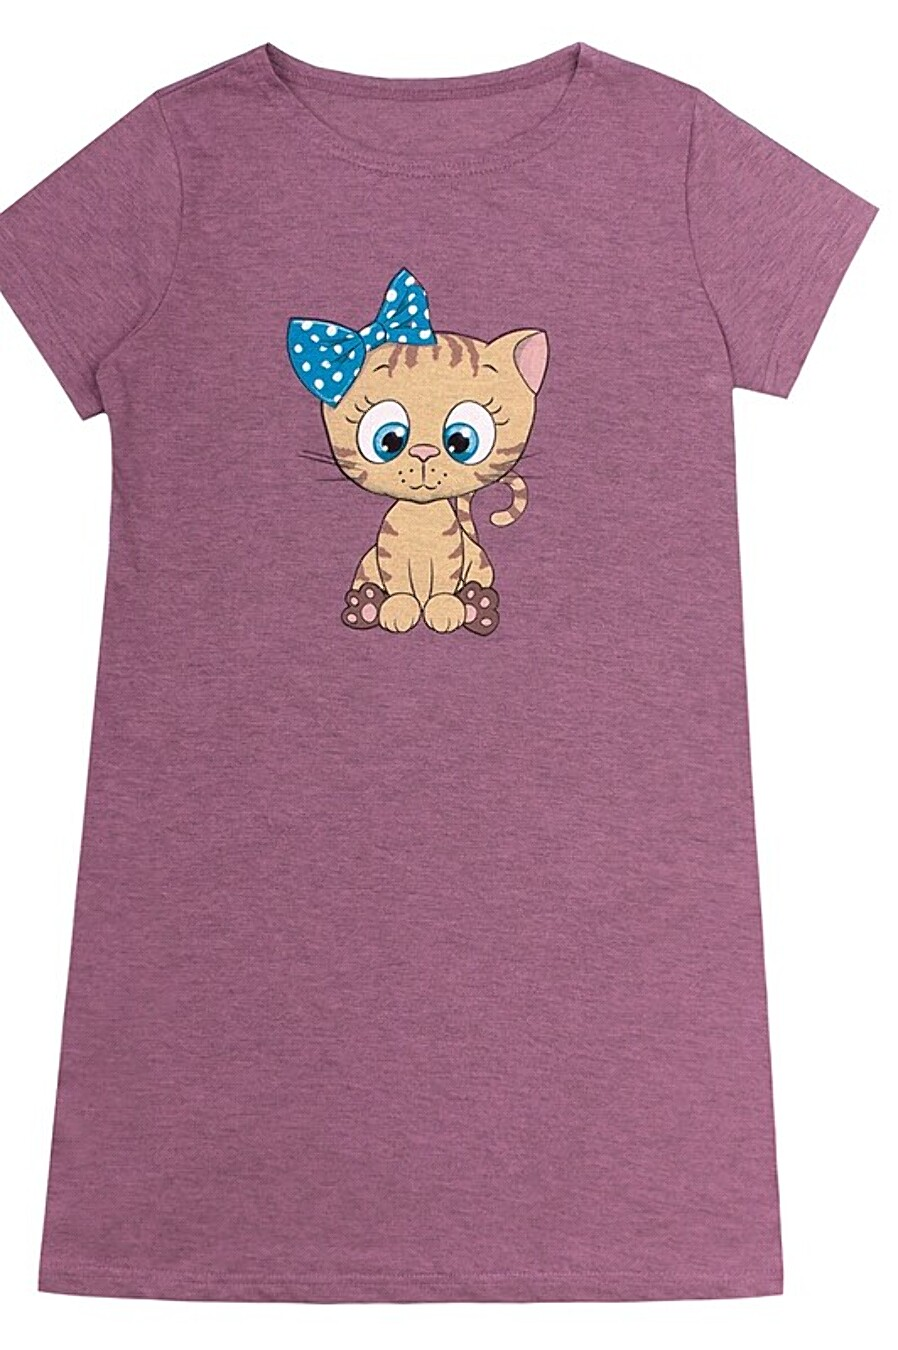 Платье для девочек АПРЕЛЬ 683536 купить оптом от производителя. Совместная покупка детской одежды в OptMoyo